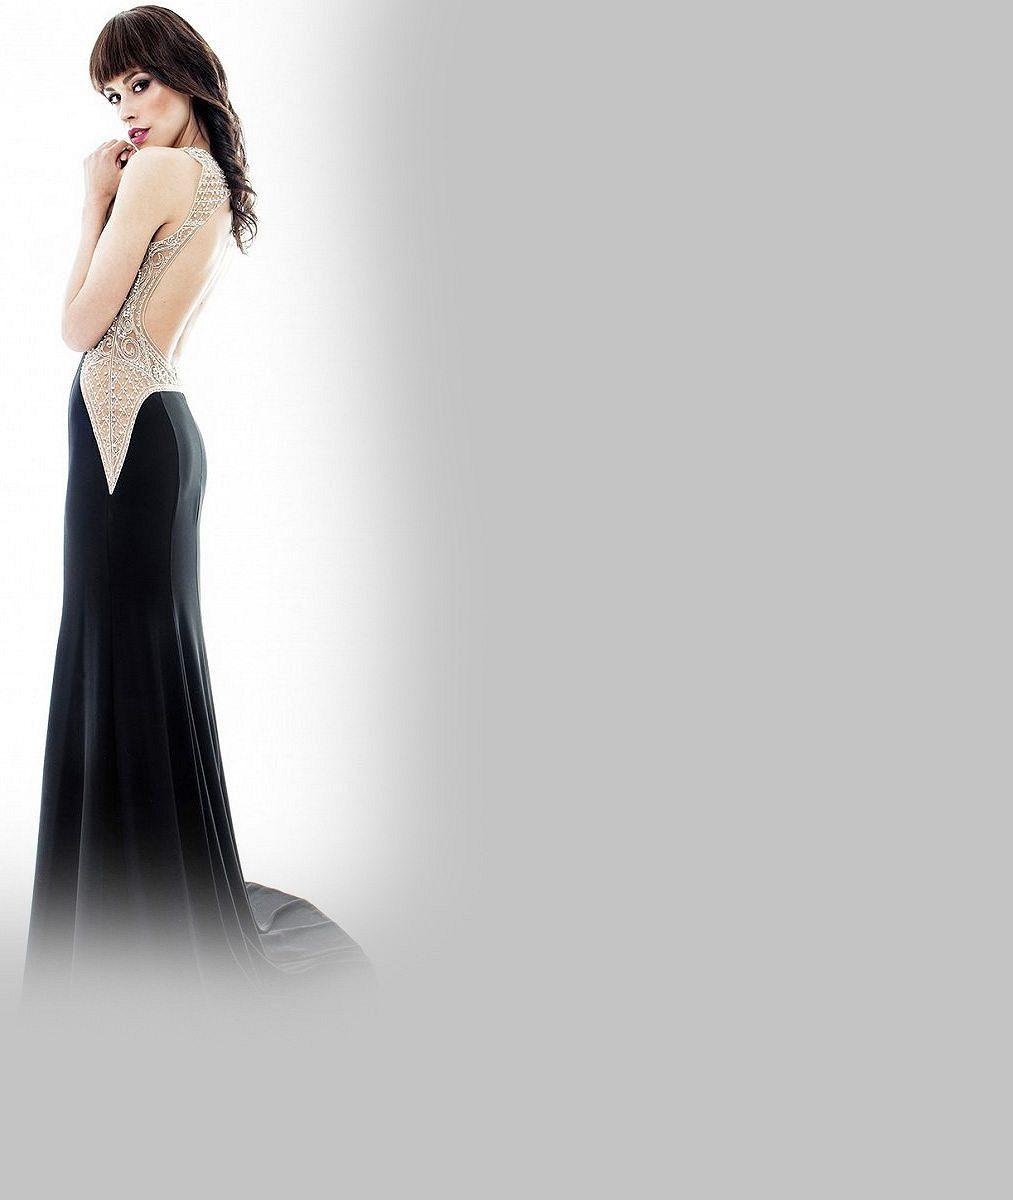 Hvězda přehlídek spodního prádla je vdanou paní. Partner jí vystrojil svatbu jako zpohádky